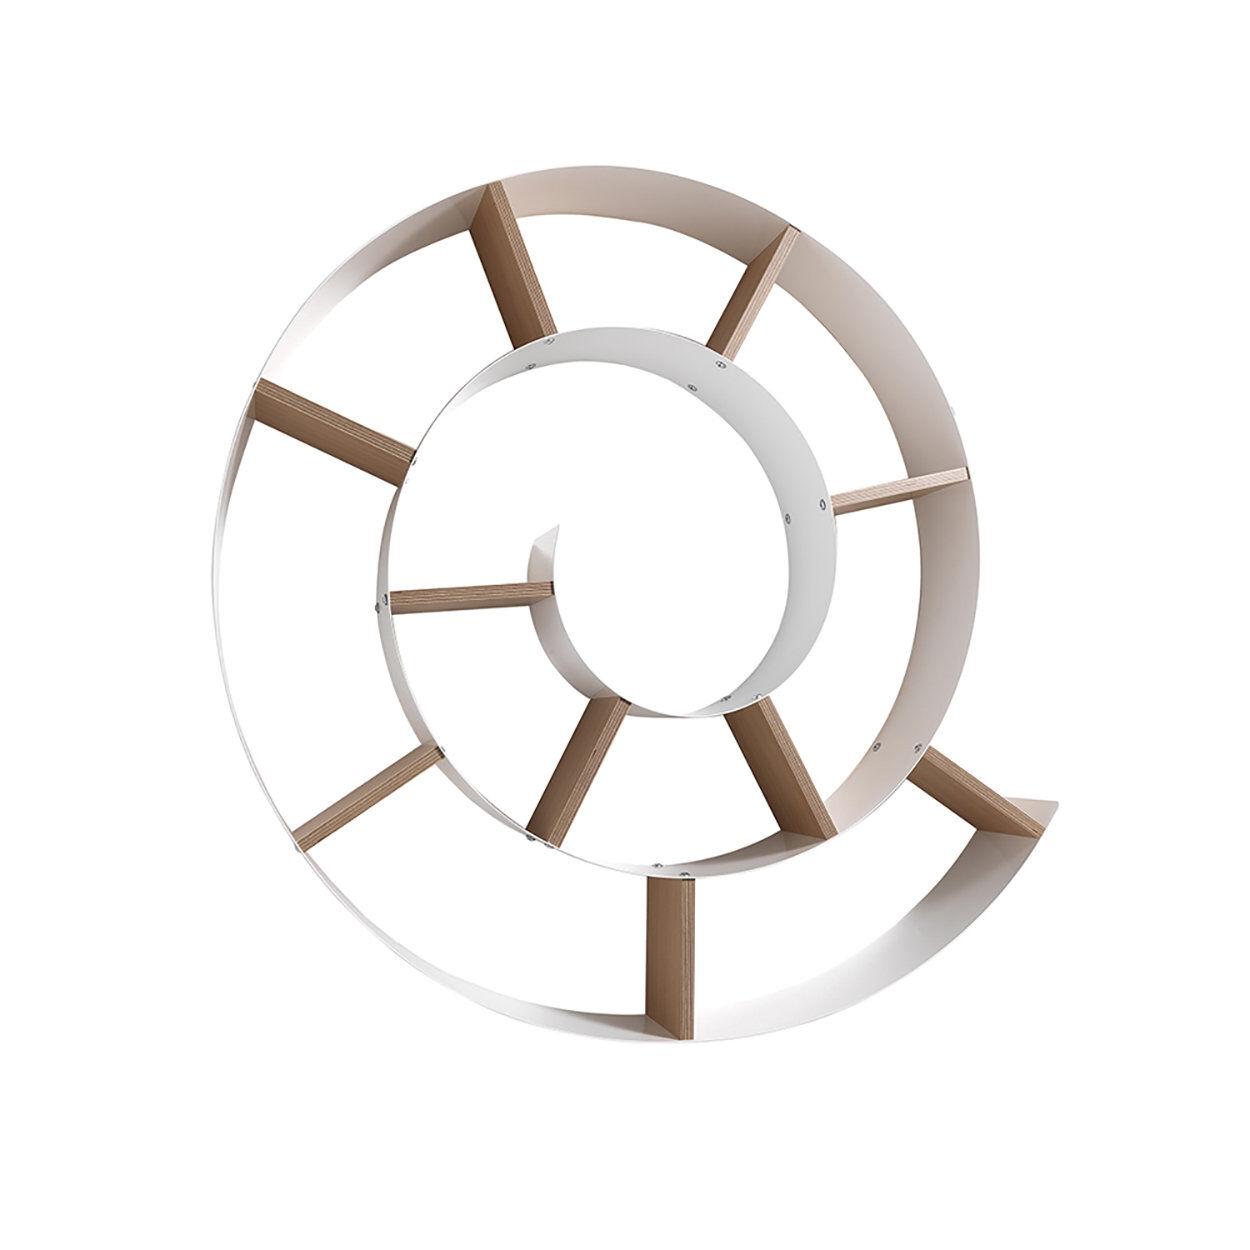 Selezione complementi Mensola da parete CHIOCCIOLA, bianco/marrone